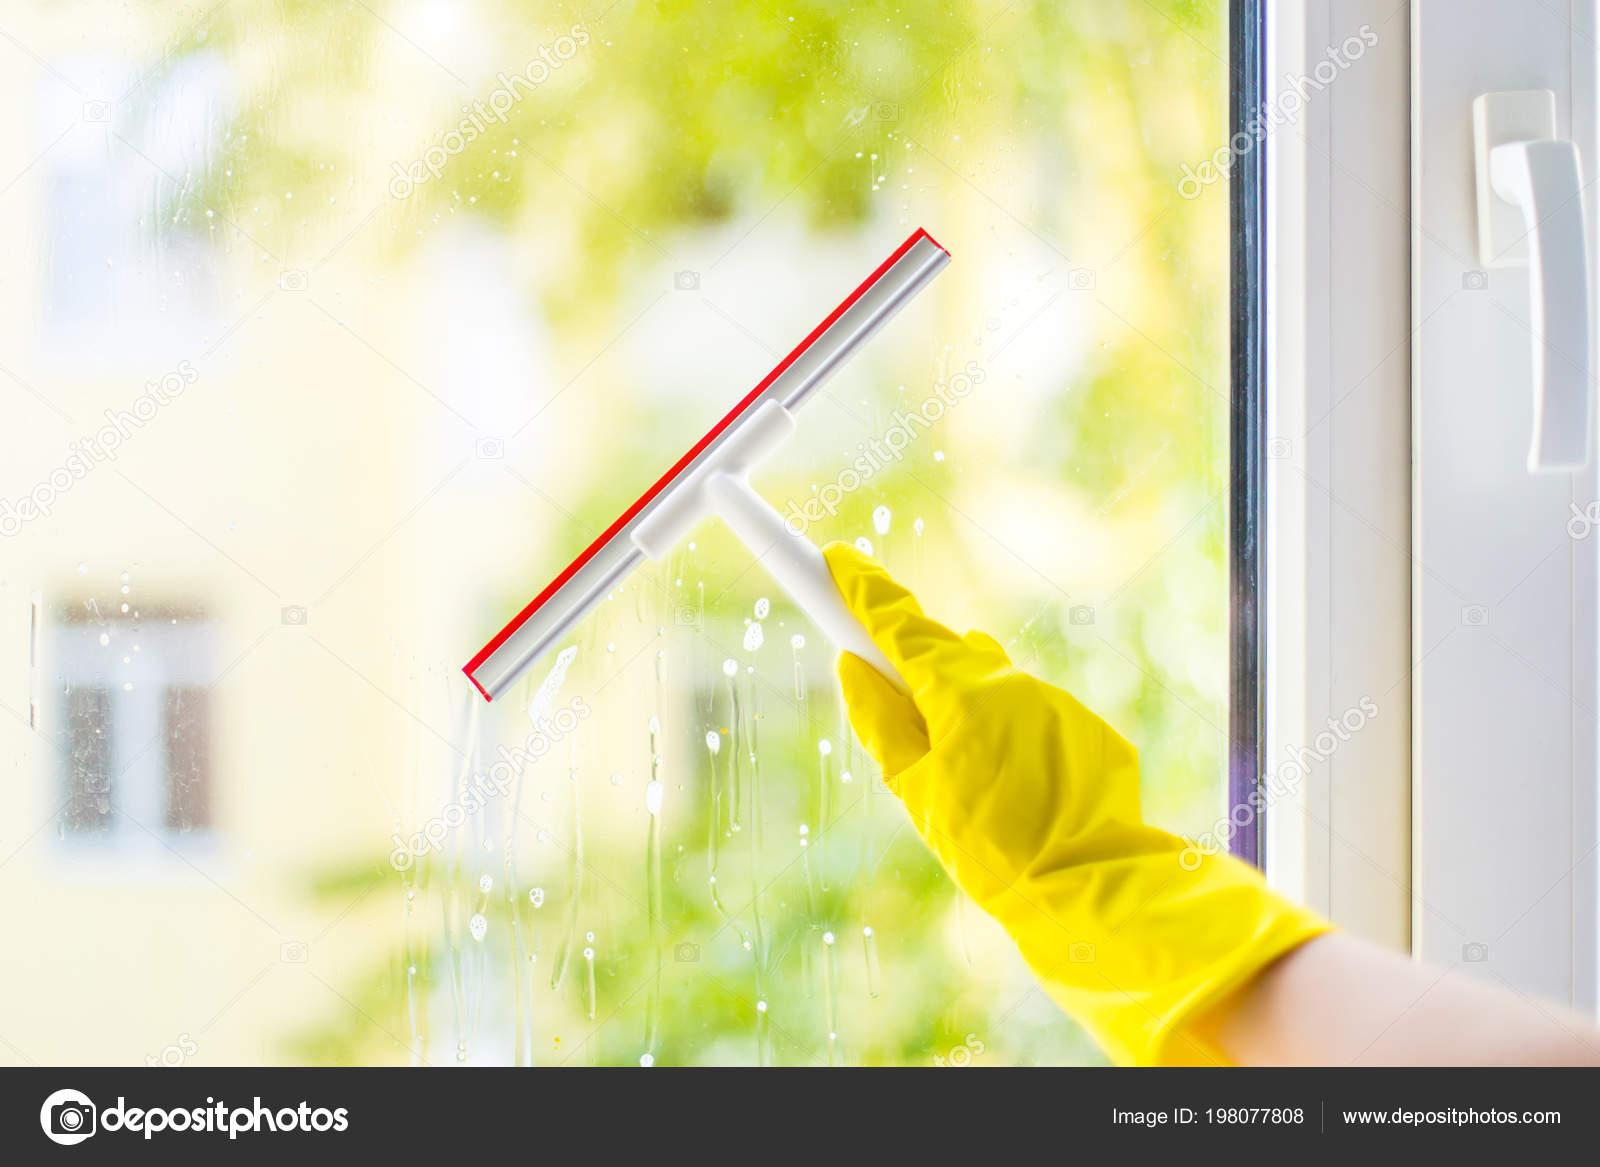 Großartig Fenster Reinigen Beste Wahl Reinigung Glasscheibe Mit Waschmittel Und Kautschuk Aluminium